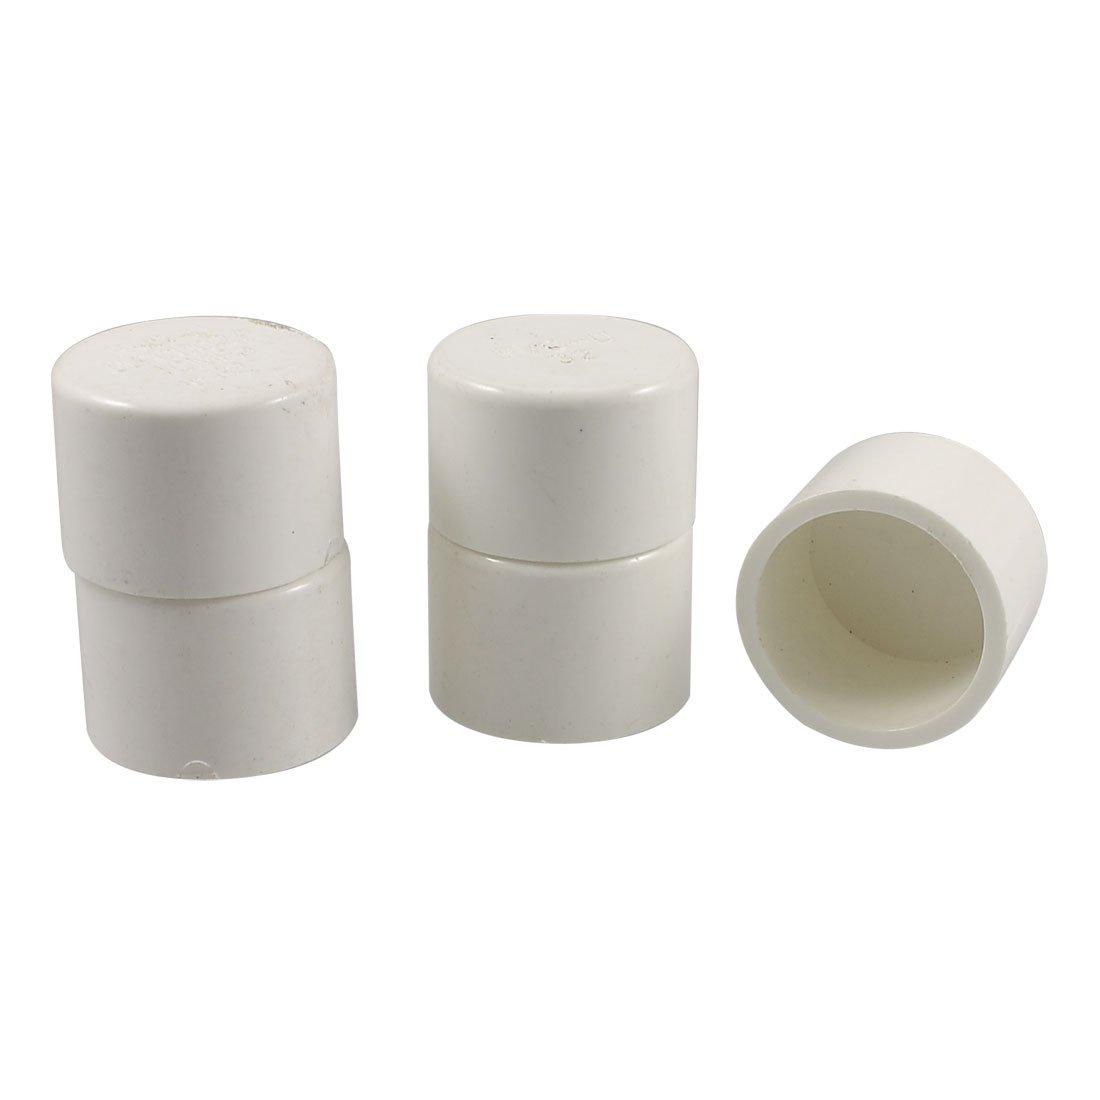 32mm PVC acqua tubo adattatore accoppiatore terminale 5pz